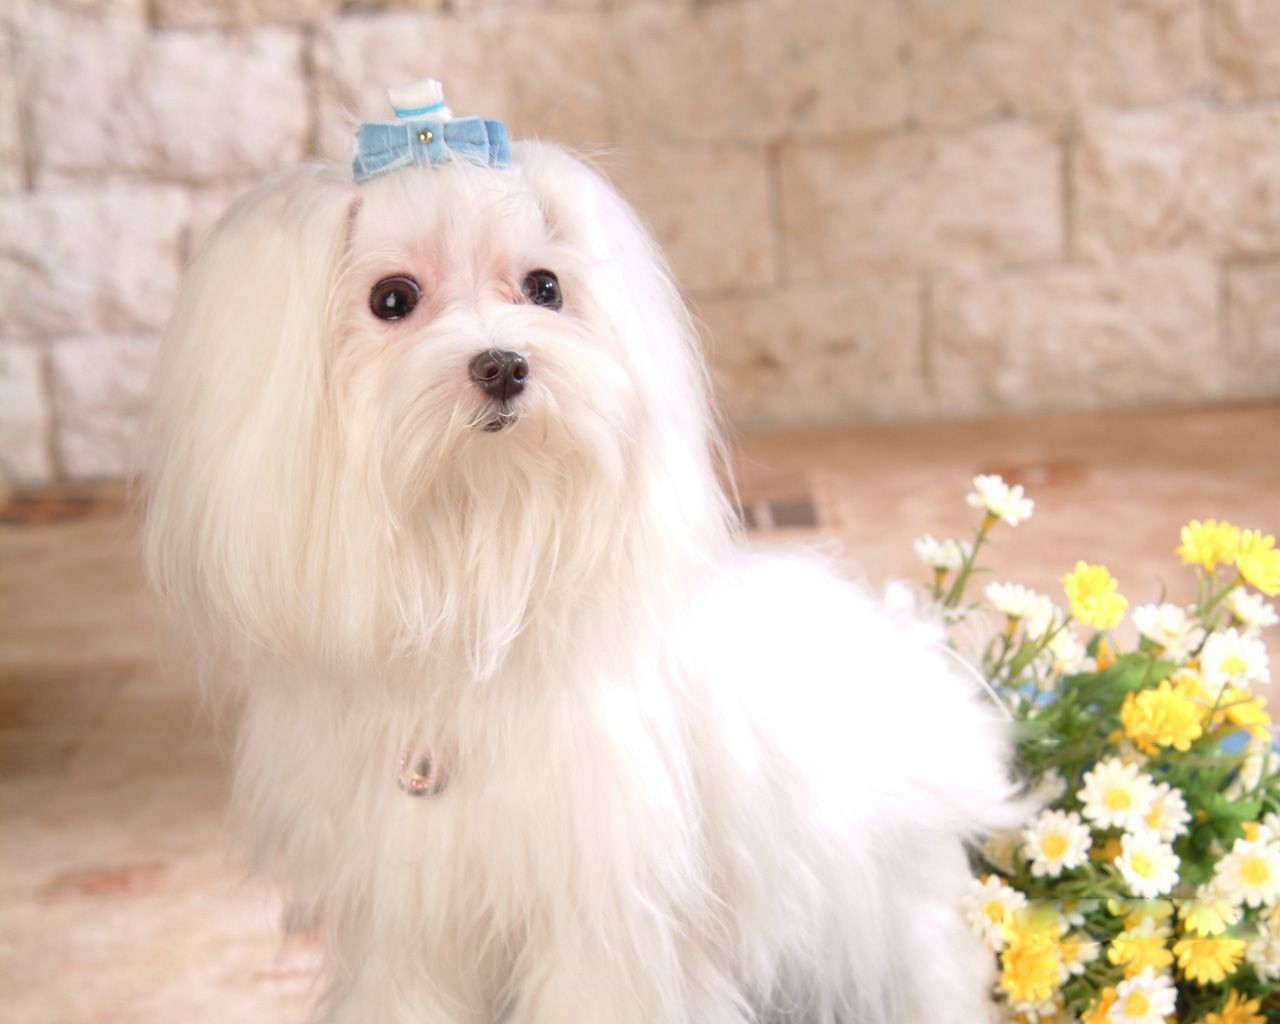 Cute Little Kitten Desktop Wallpapers Cute Pets Maltese Dog Picture Cute Pets